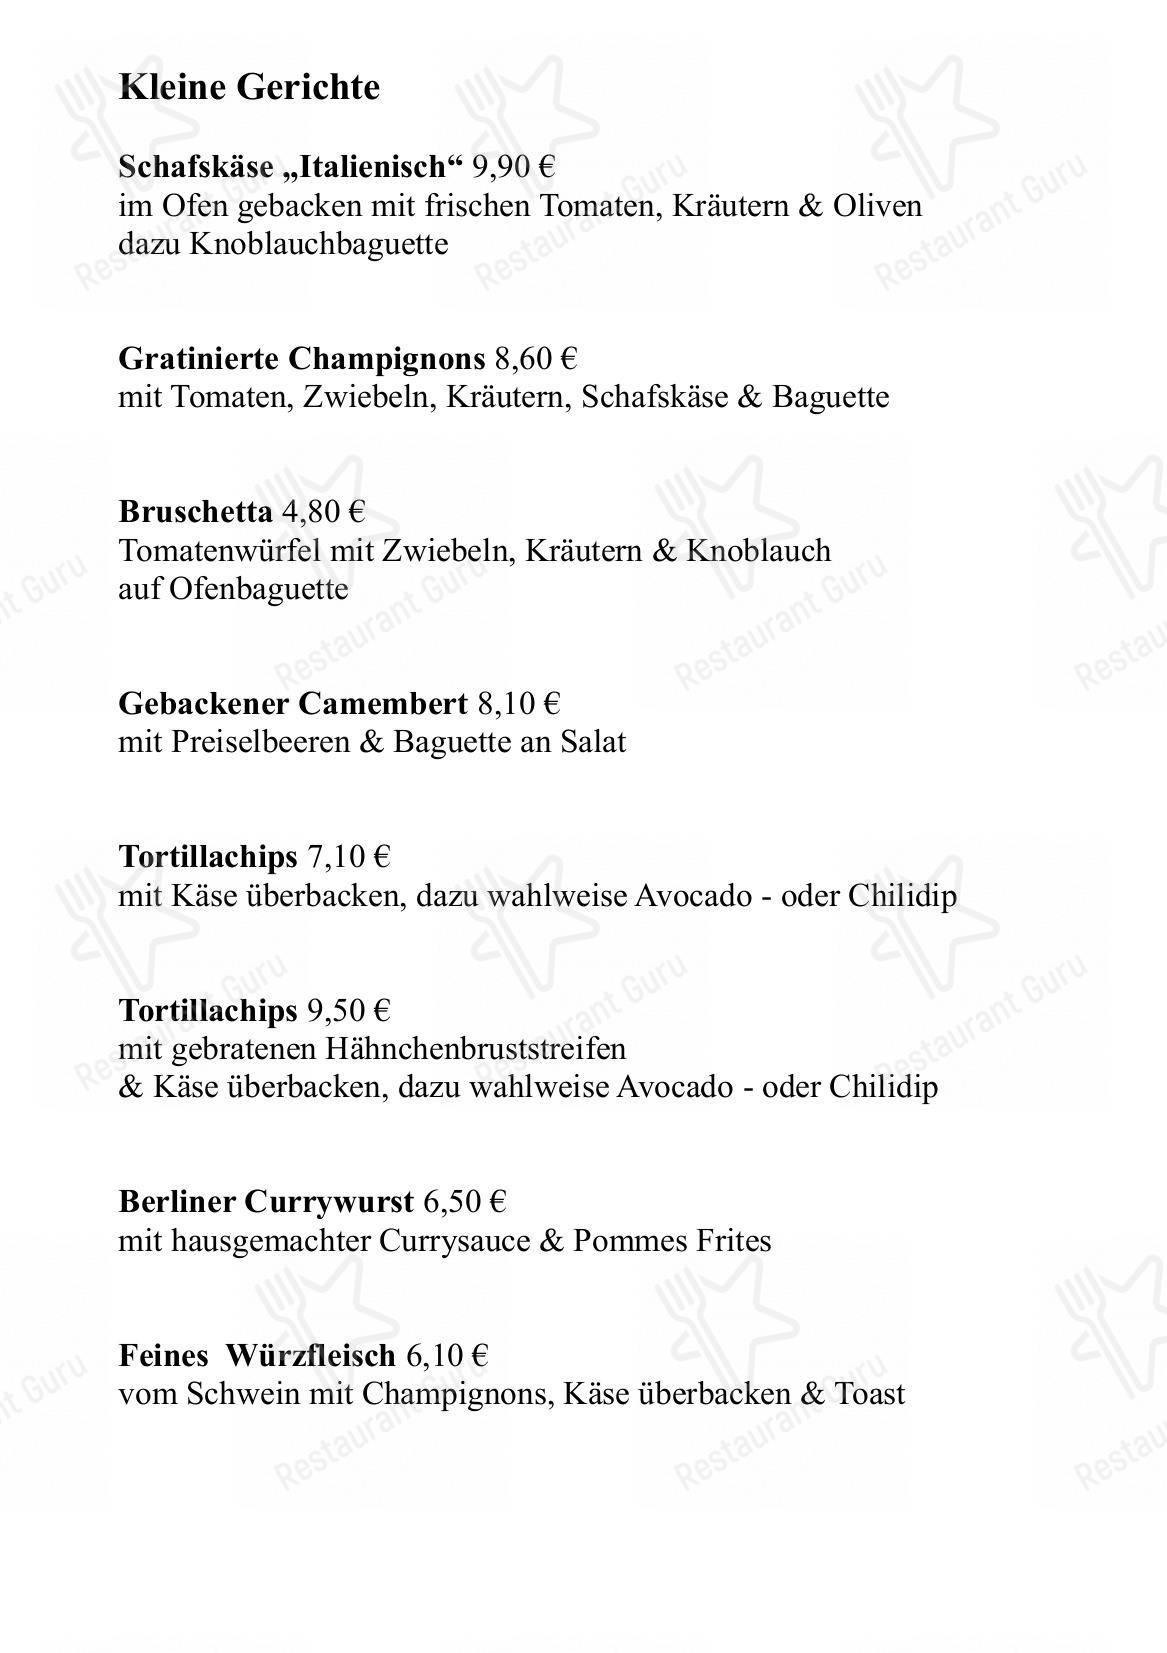 Leander menu - meals and drinks